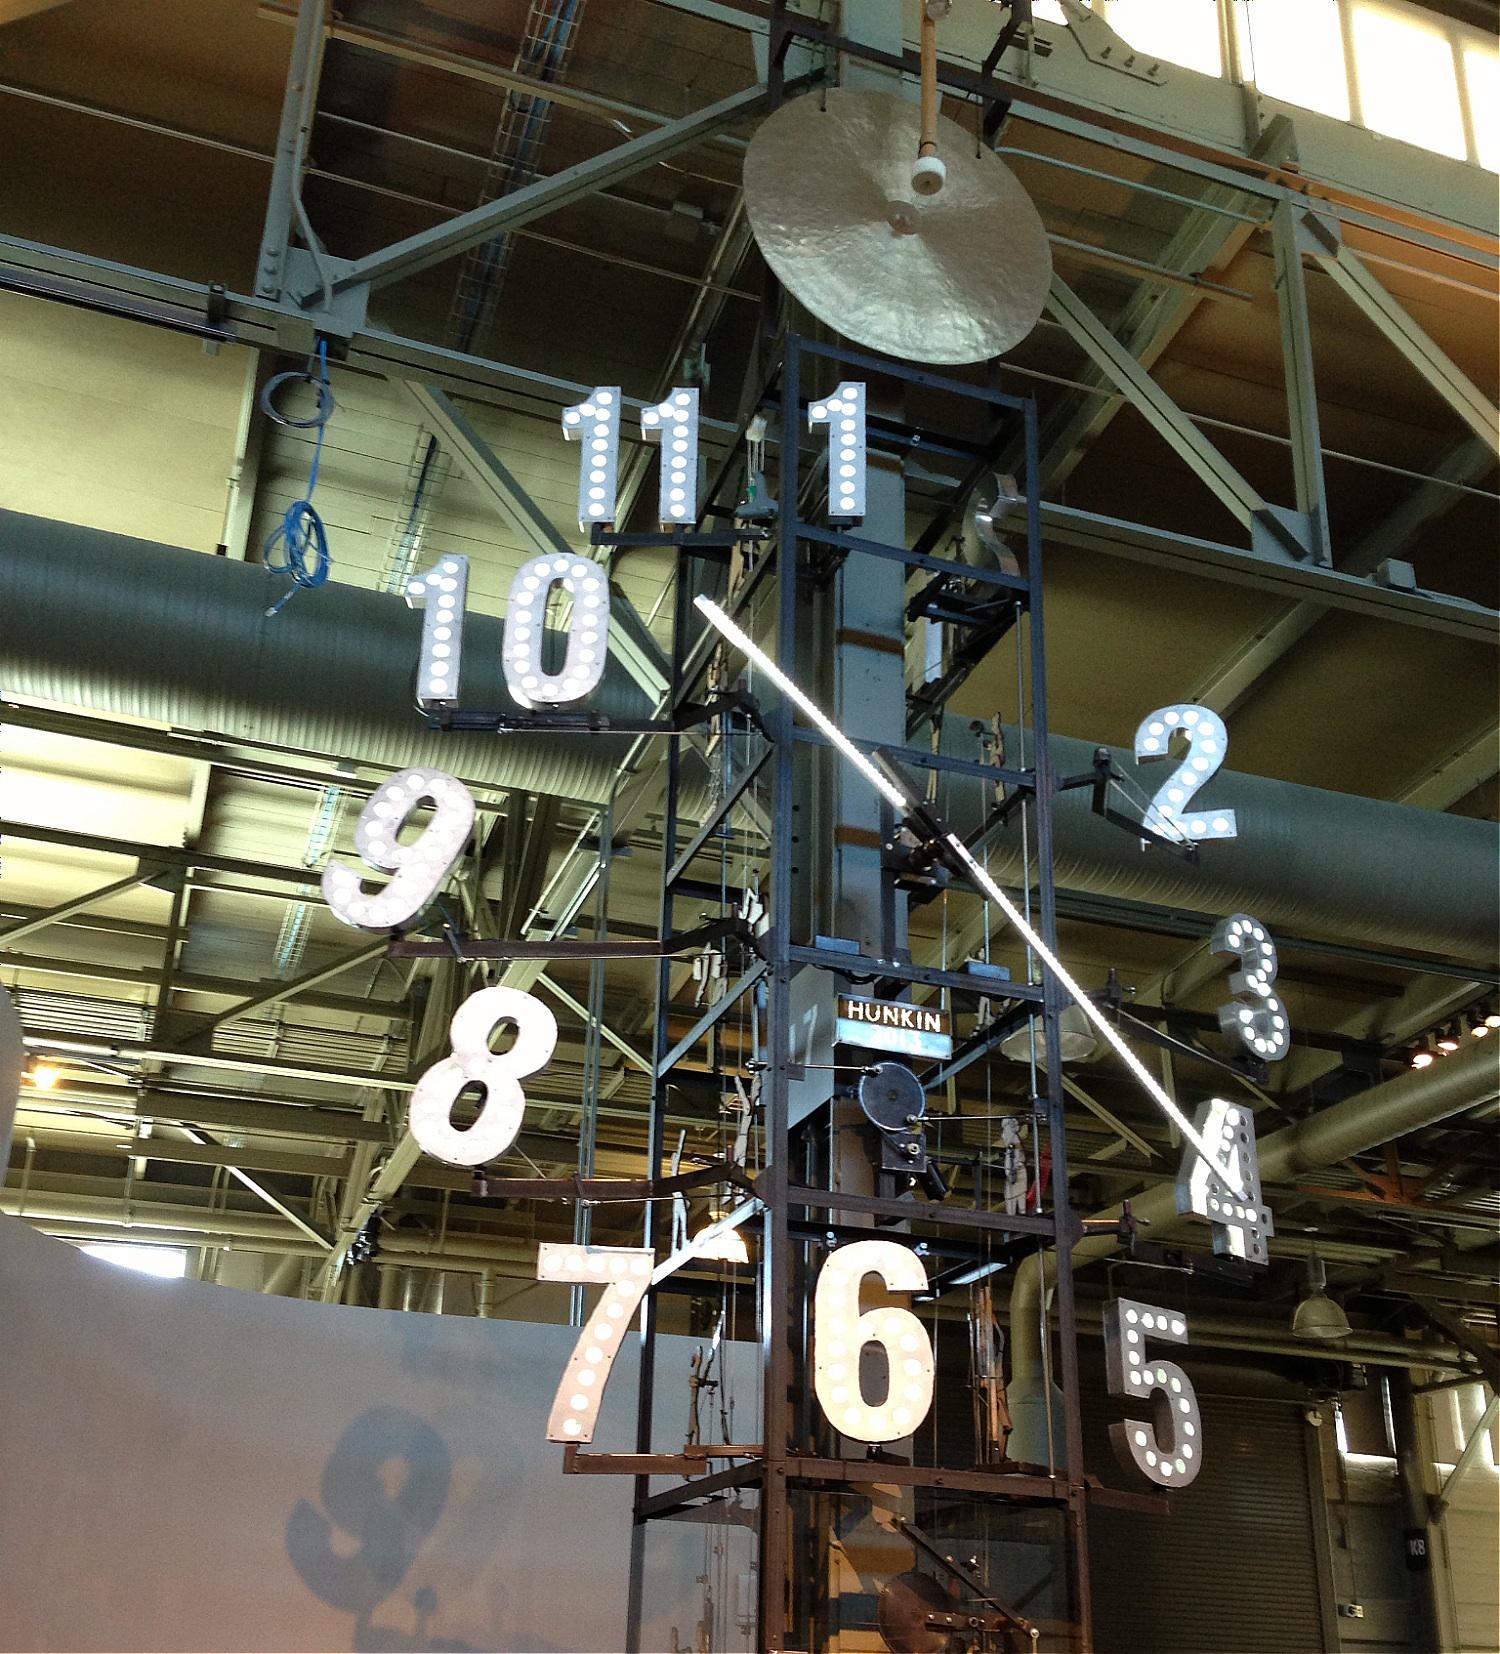 [image] Exploratorium clock